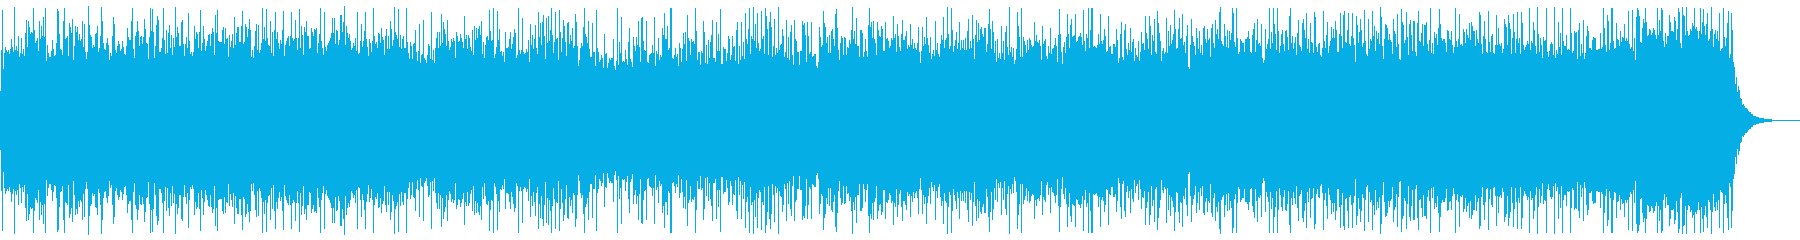 勇壮な3連リズム系のメタルBGMの再生済みの波形